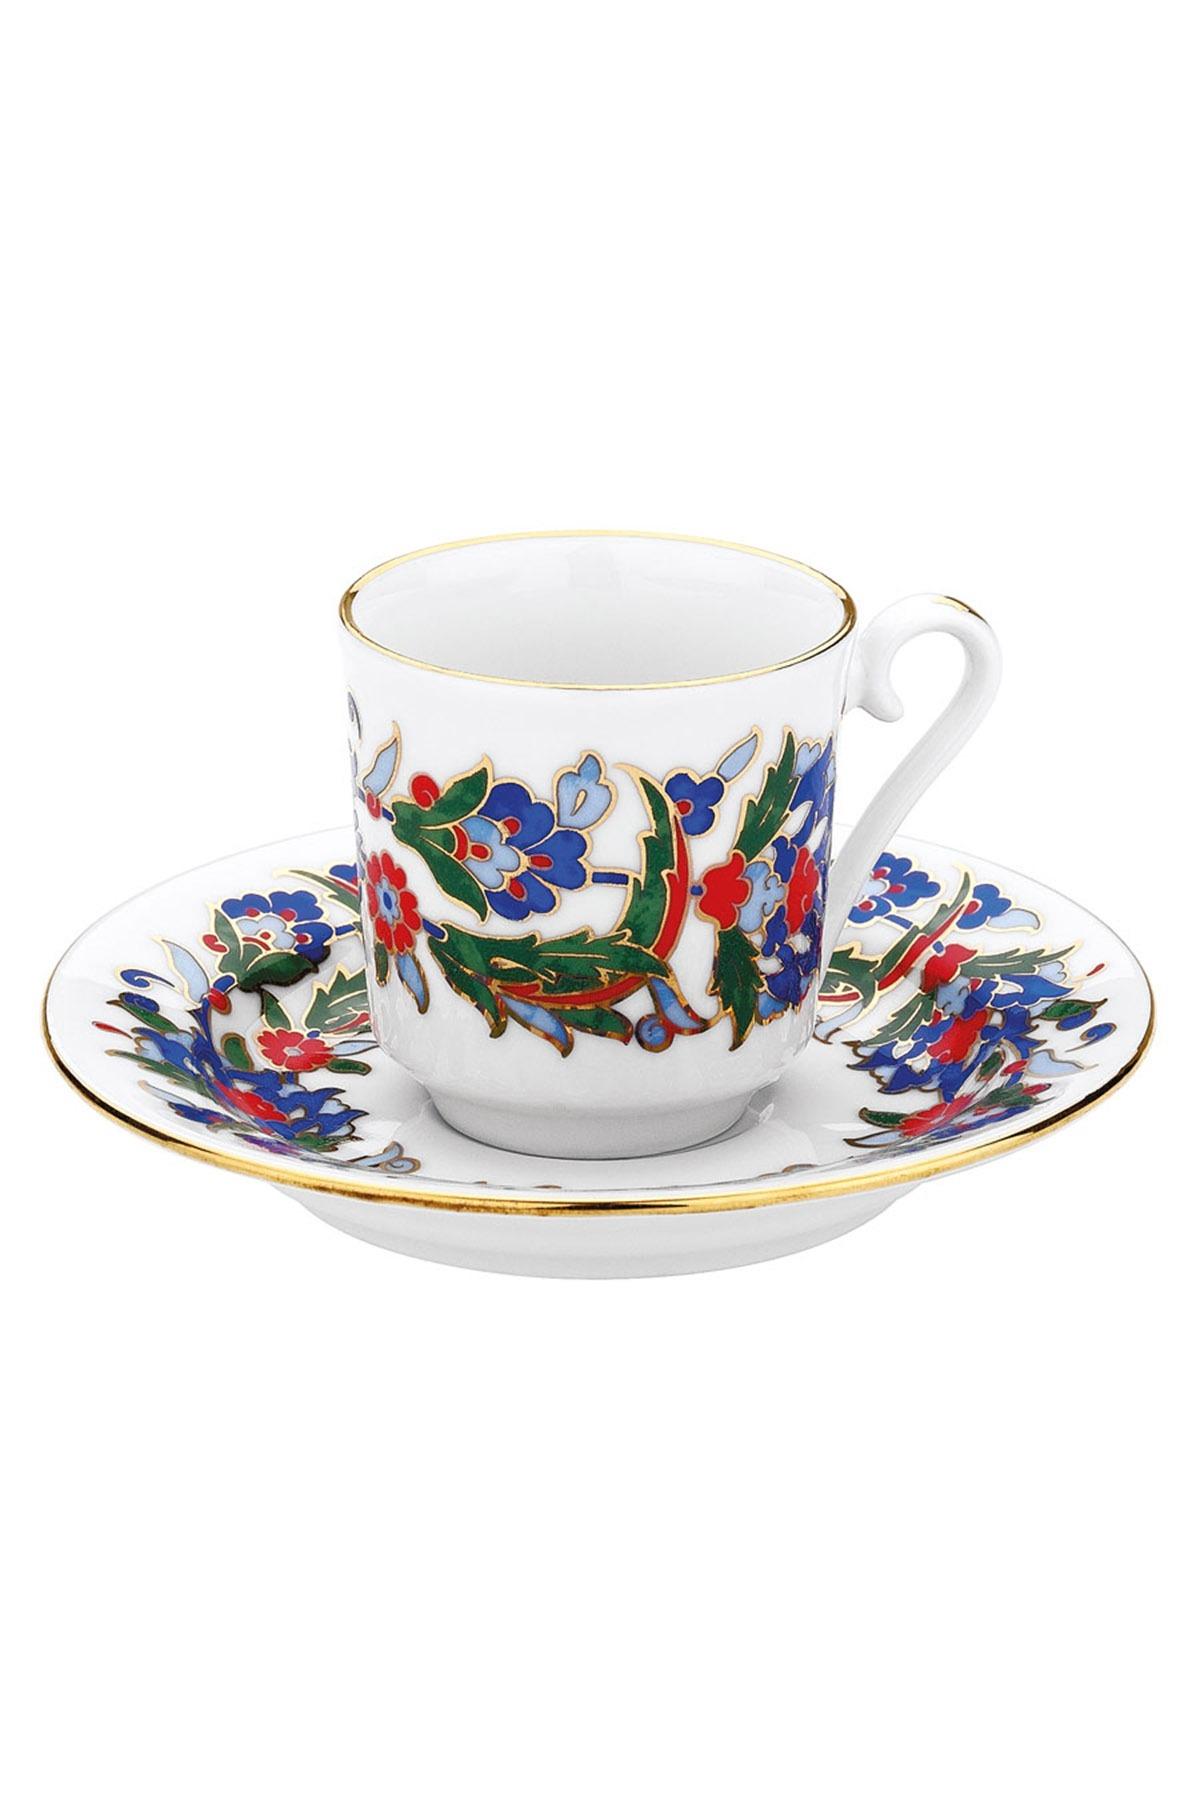 KÜTAHYA PORSELEN - Kütahya Porselen 458 Desen Kahve Fincan Takımı